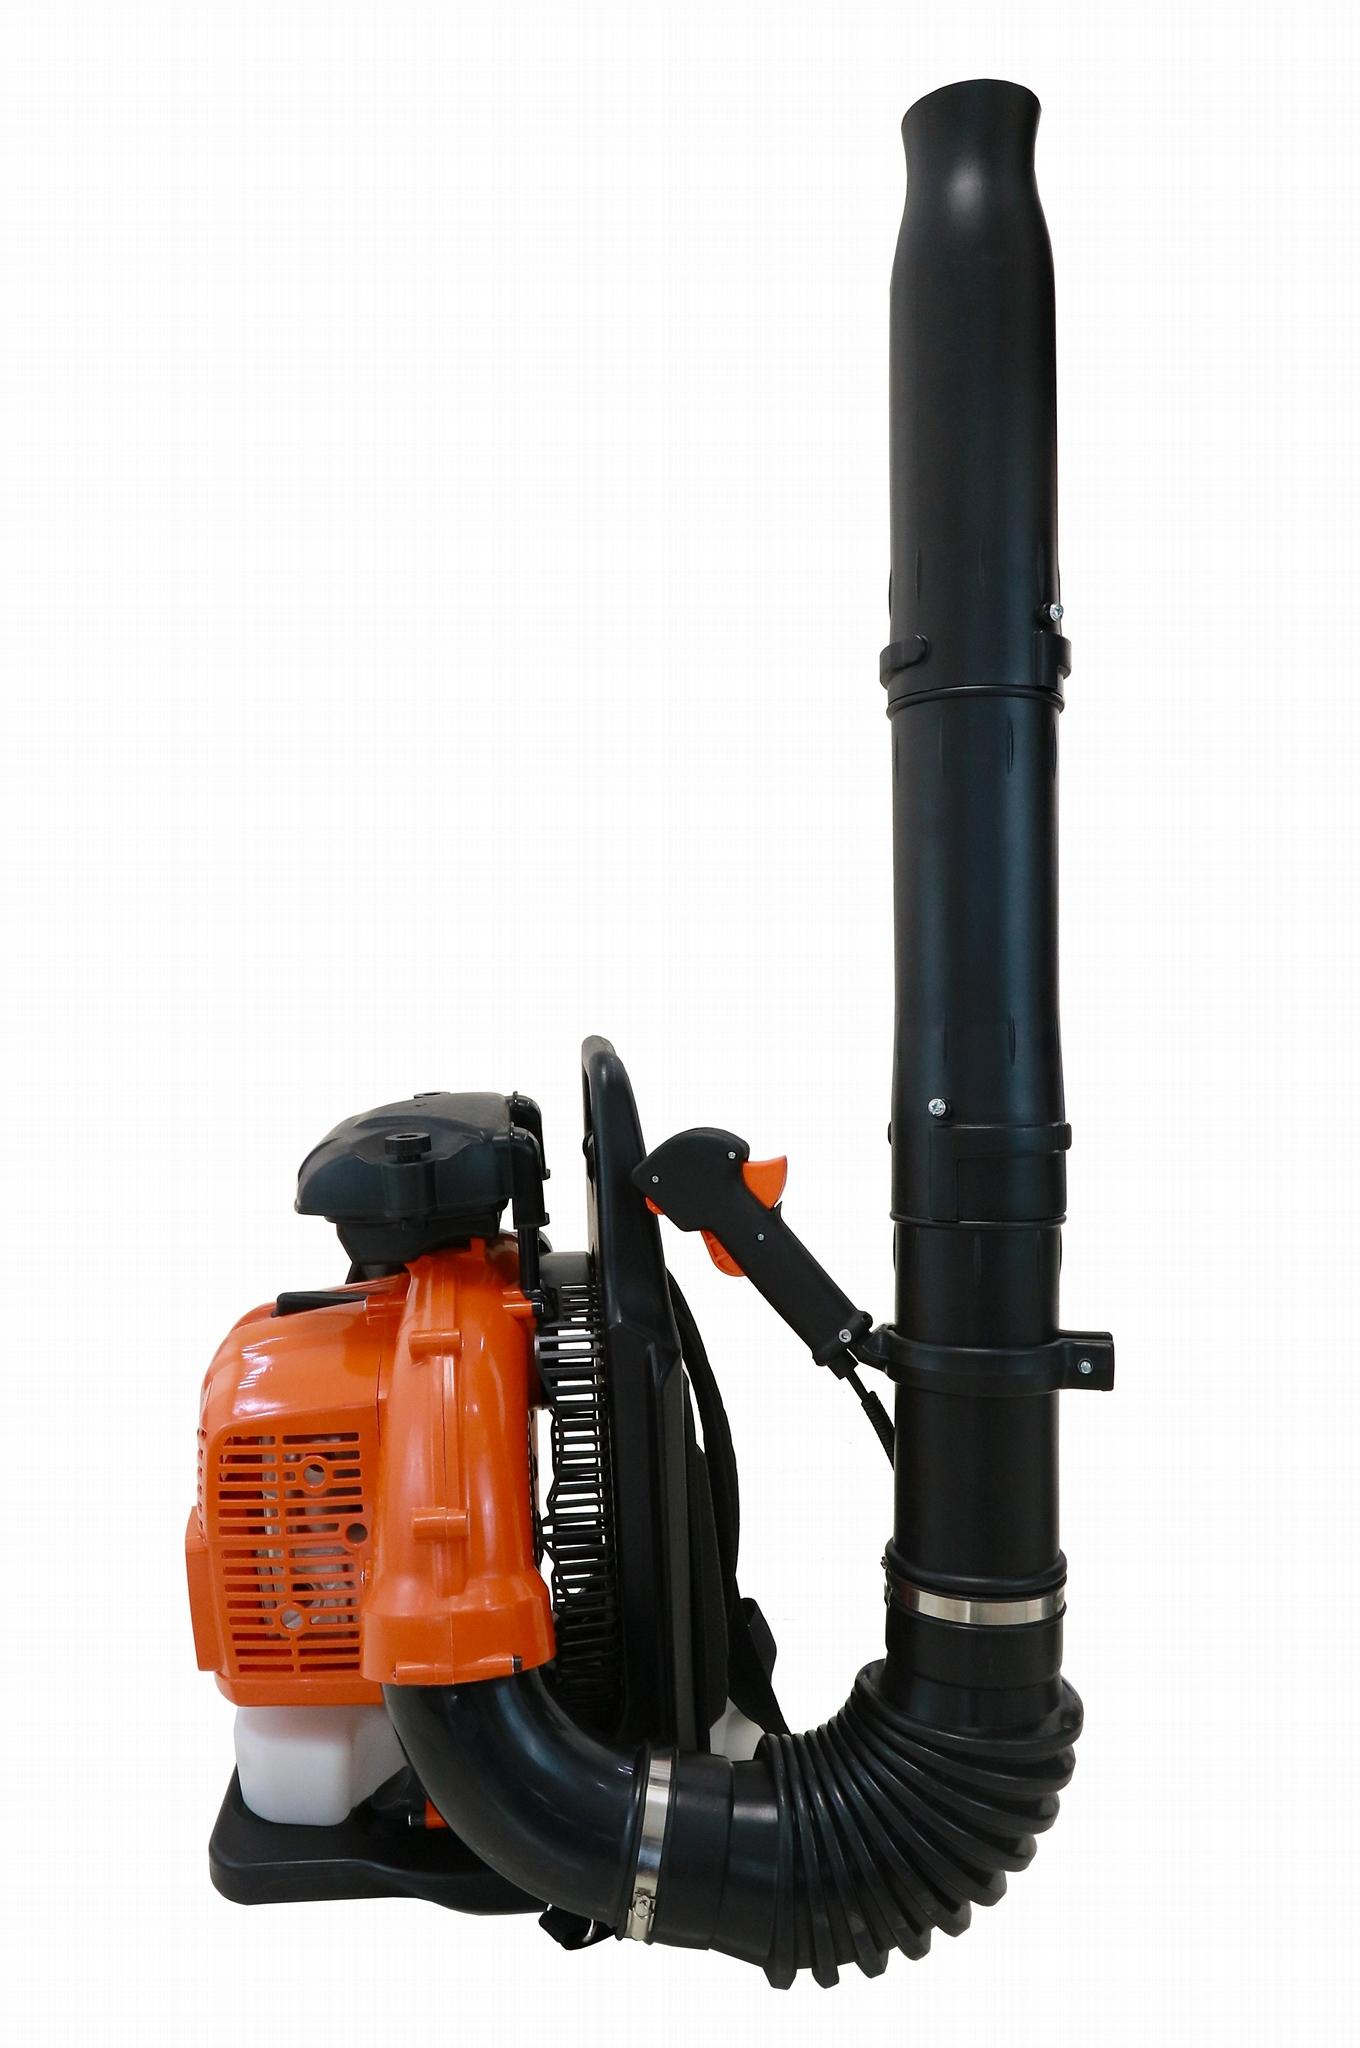 园林汽油吹风机 两冲程背负式风力灭火机 除雪机 5